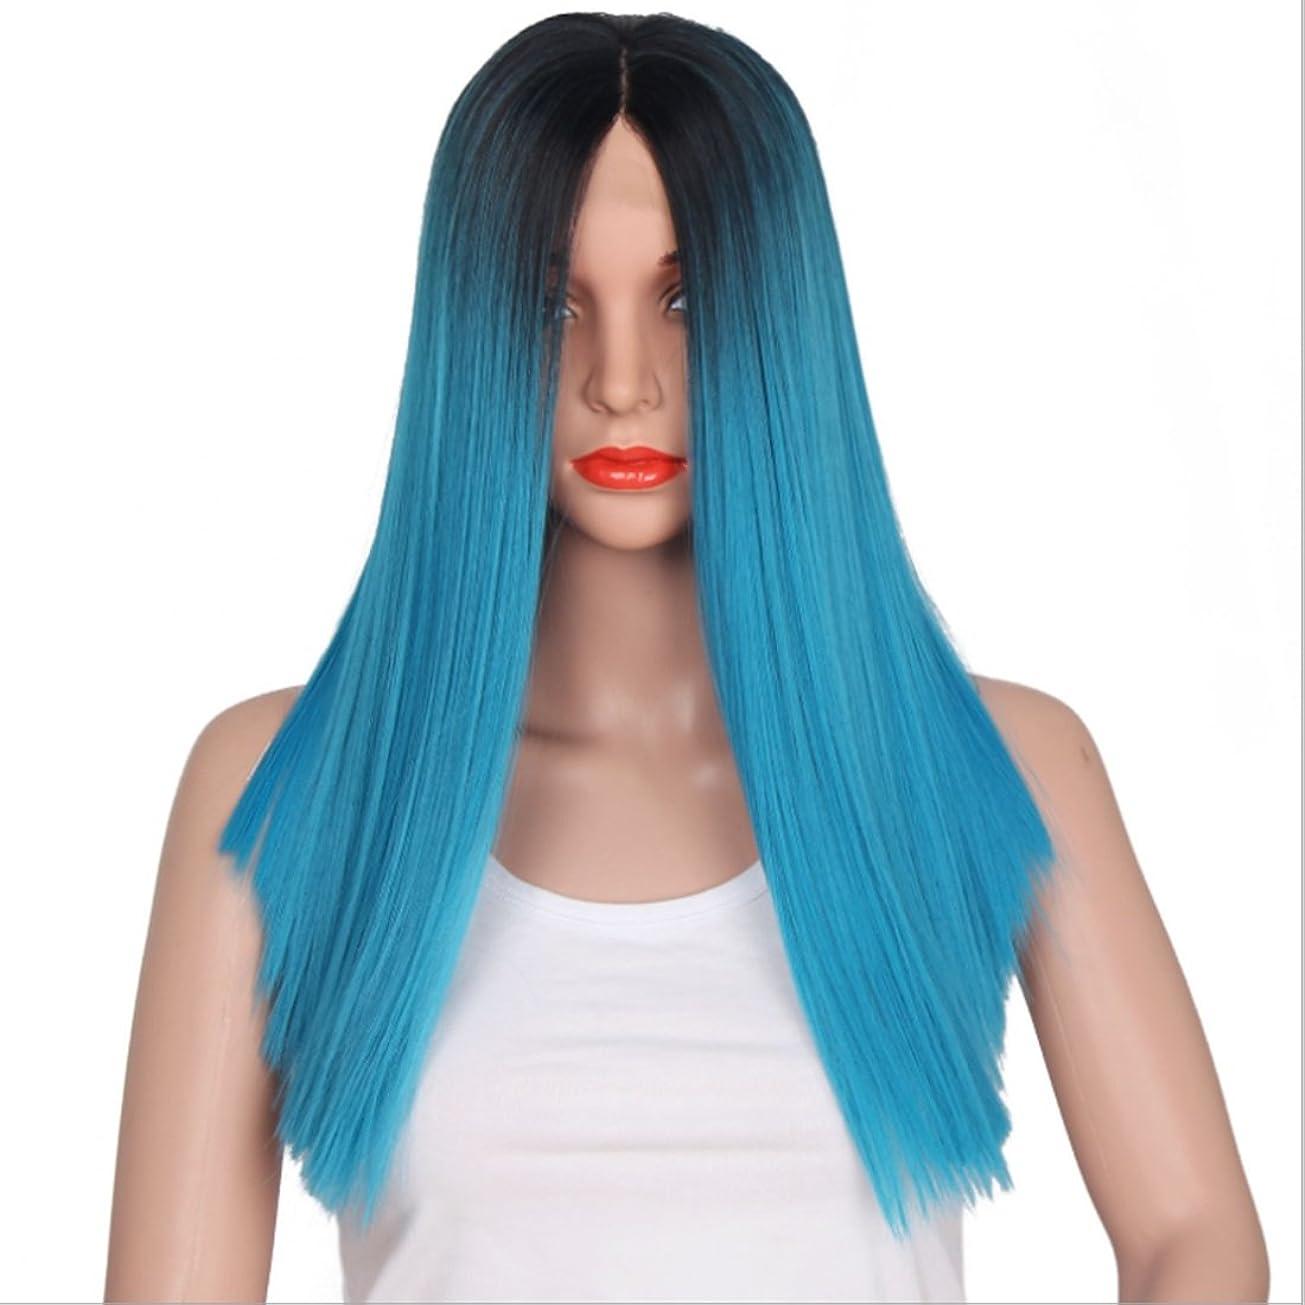 百年のためバケツJIANFU 女性用 レース髪用 合成 コスプレ 耐熱 長い ストレート ウィッグ 付き 16インチ フルハンド ウィービング (Color : Black gradient blue)